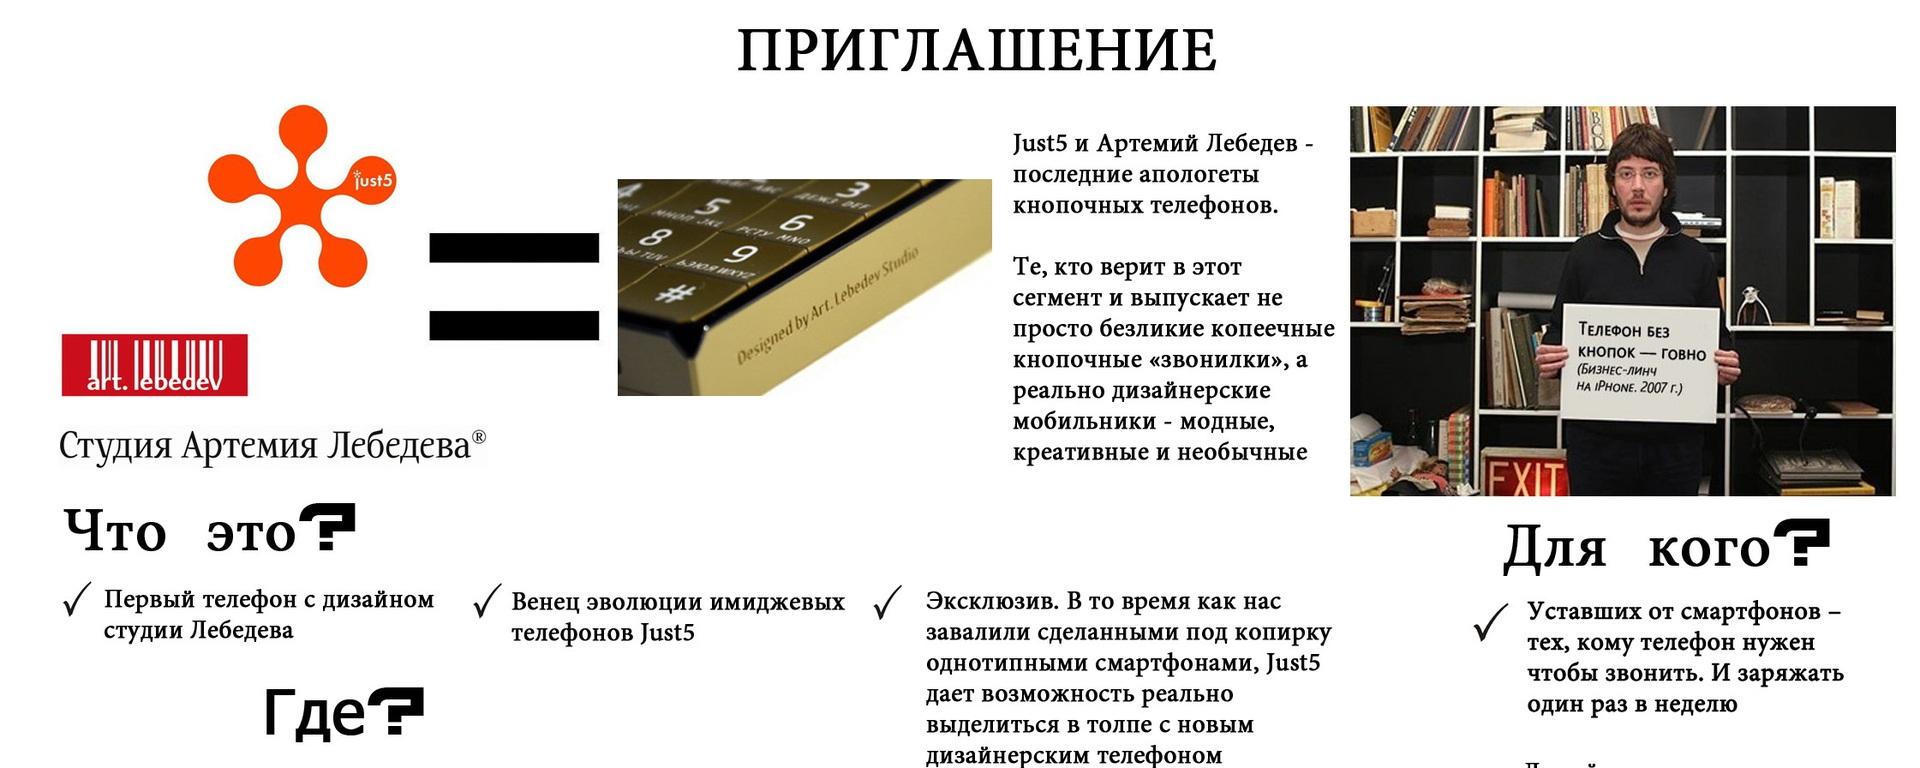 Пресс конференция Just5 & Студии Артемия Лебедева, 17 июля, 16:30 — задавайте вопросы!